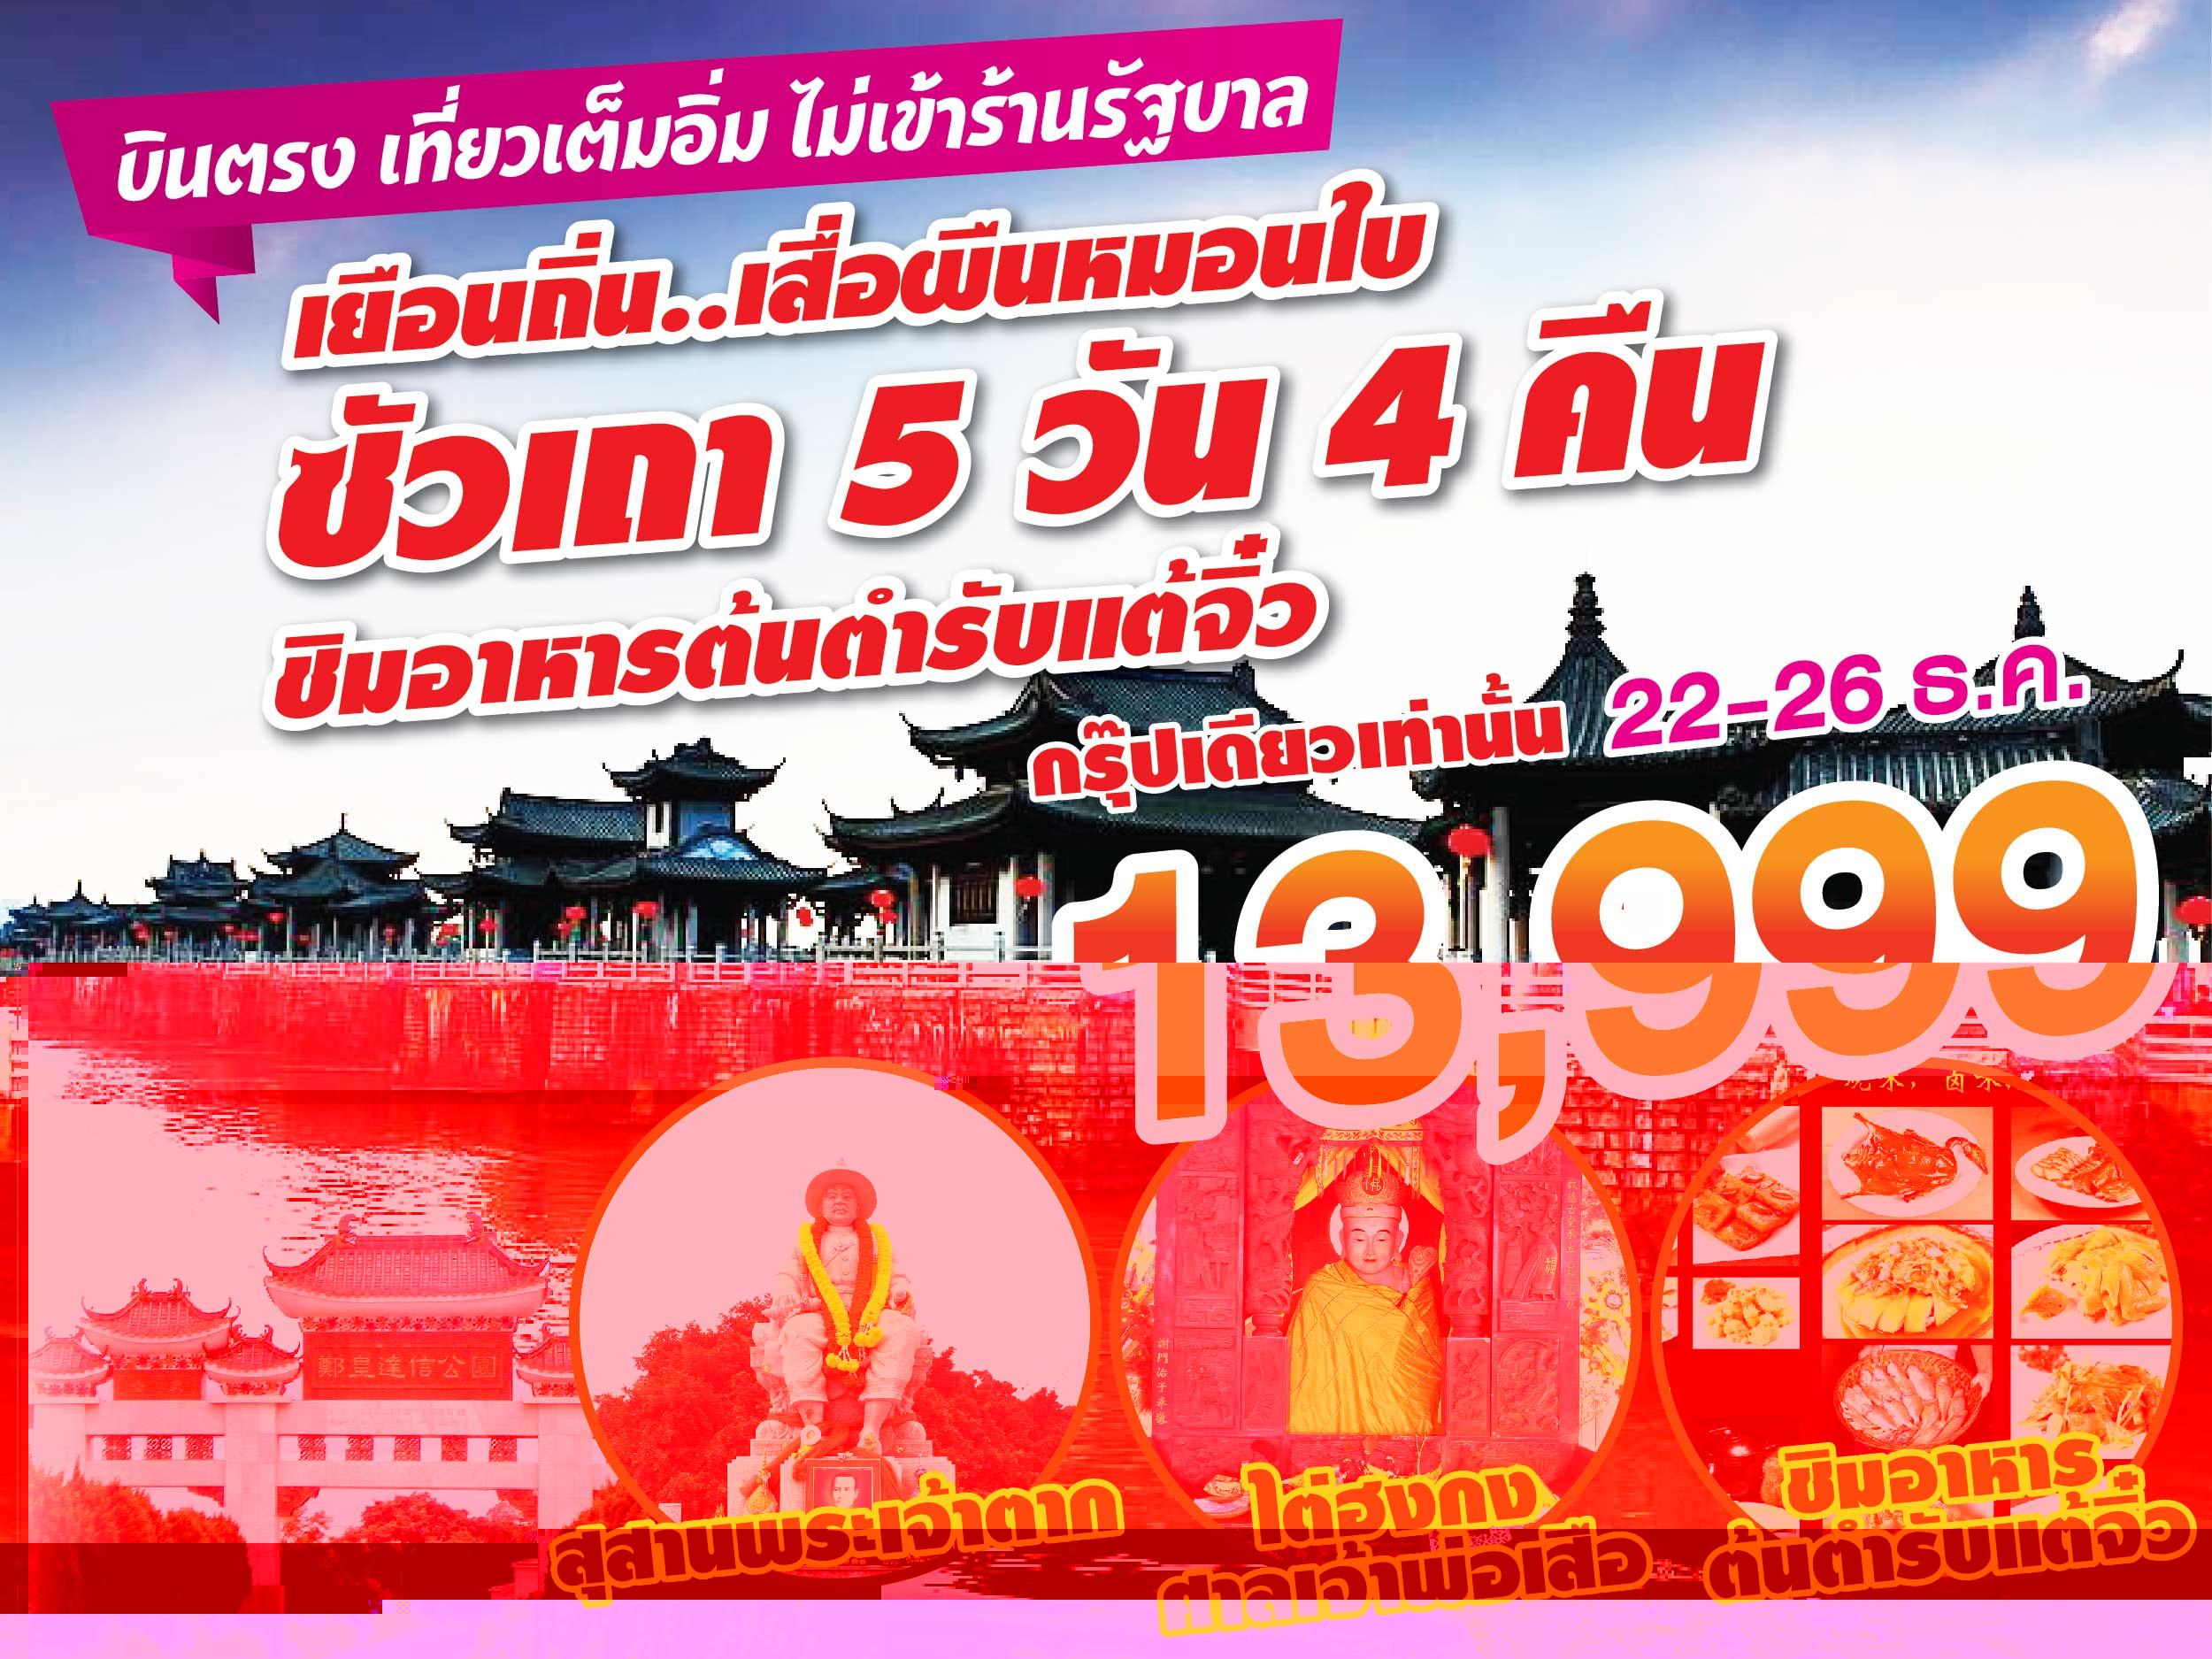 ซัวเถา เยี่ยมญาติ 5 วัน 4 คืน (FD) HOT PROMOTION !!